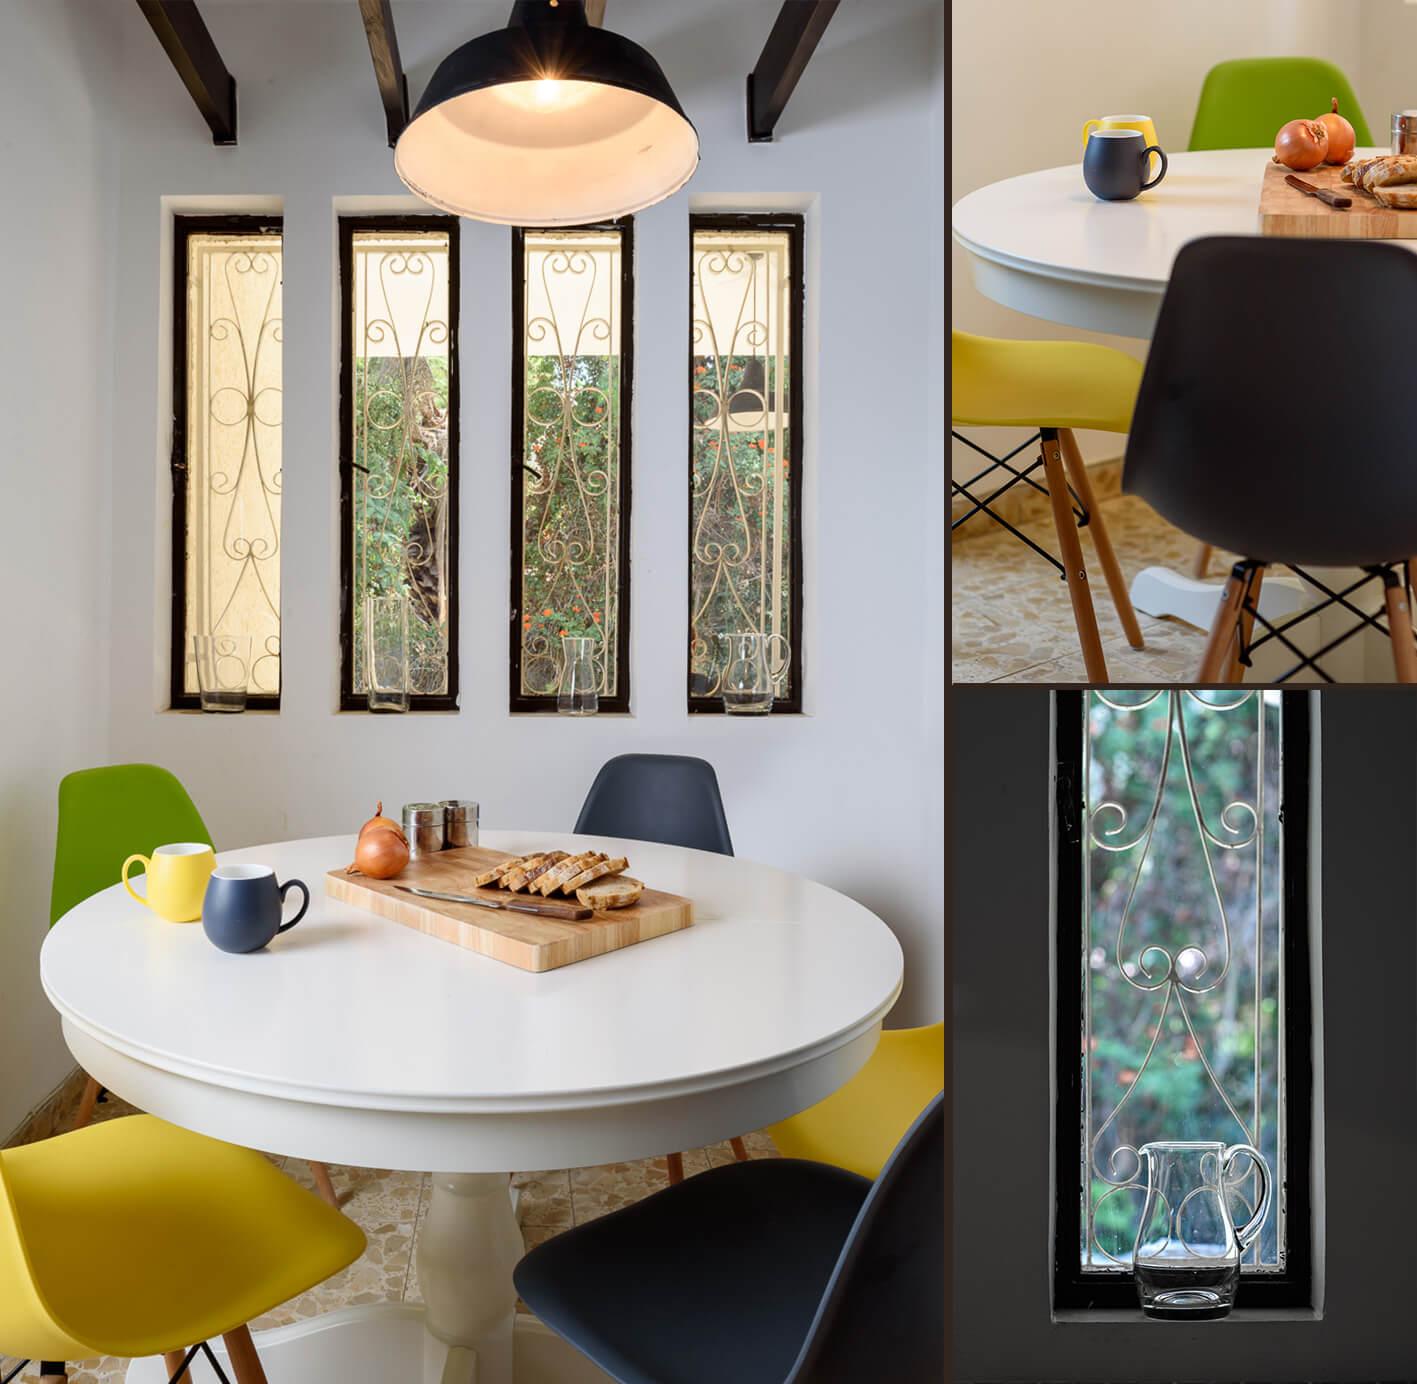 Photo by Itai Aviran | WabiSabi InteriorDesign